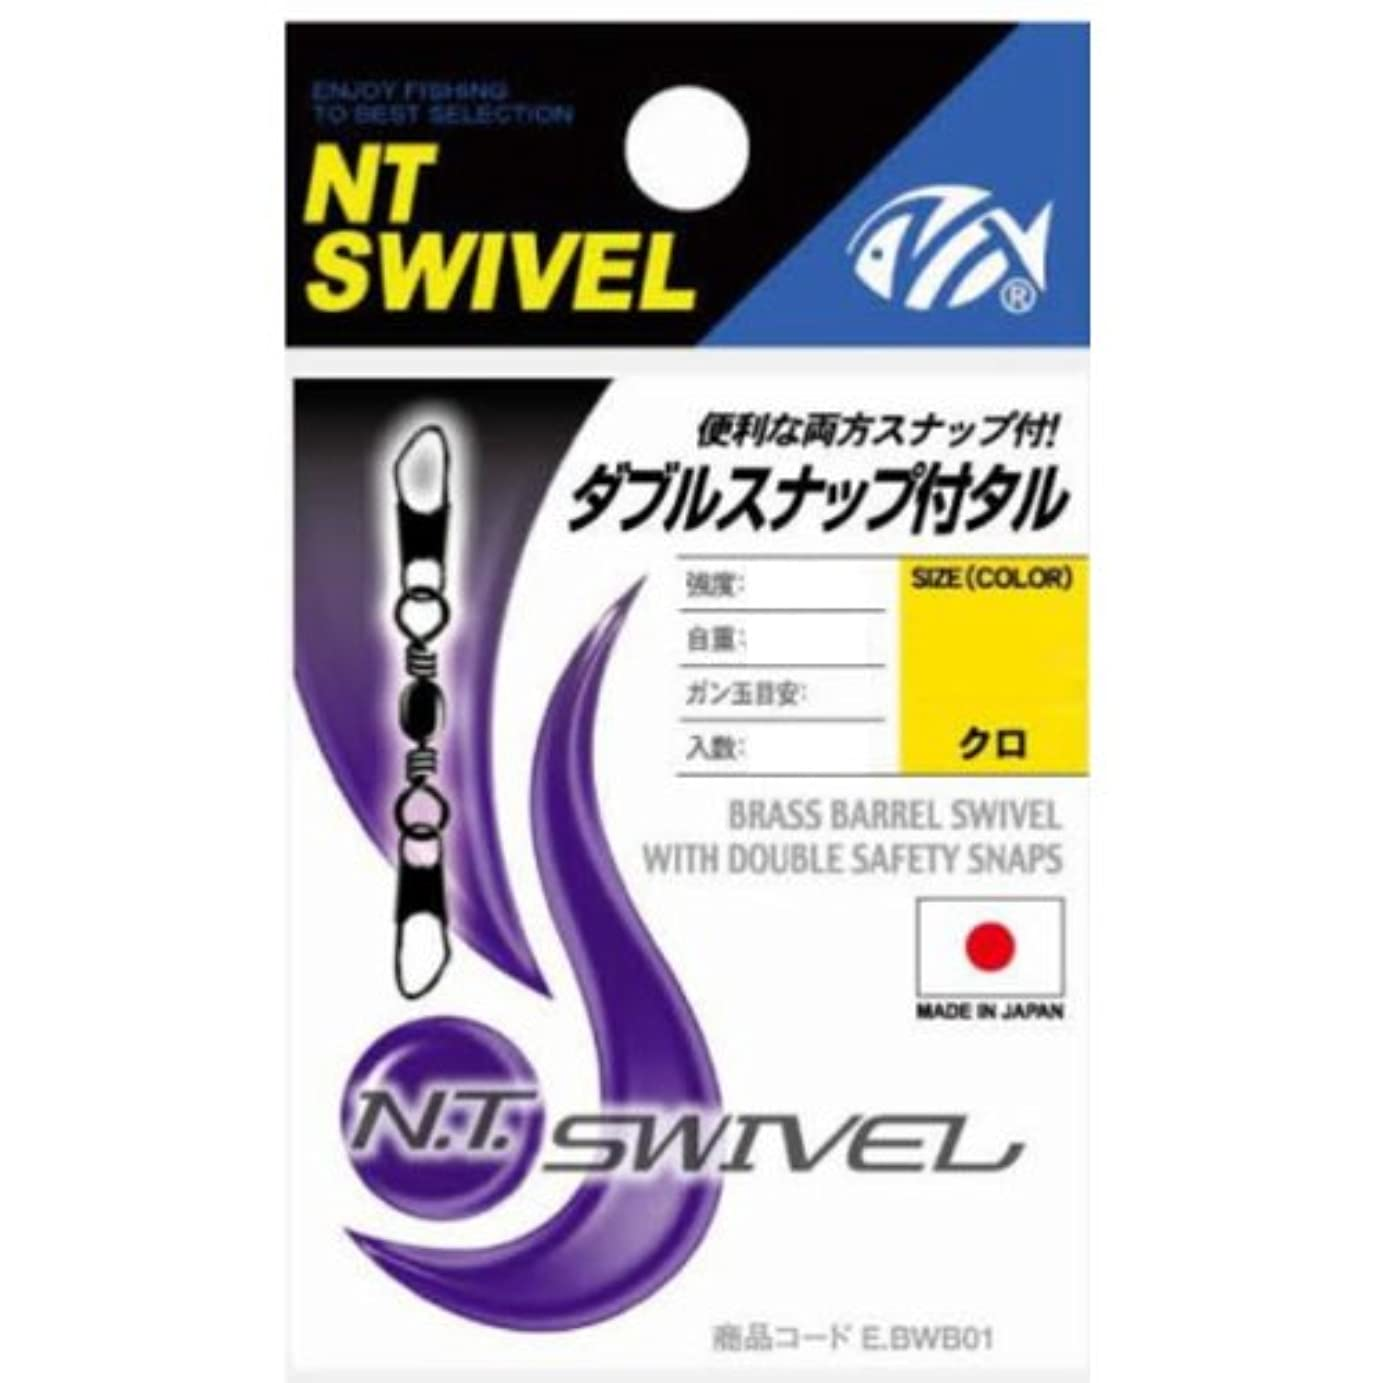 焼く銃捕虜NTスイベル(N.T.SWIVEL) ダブルスナップ付タル クロ #10